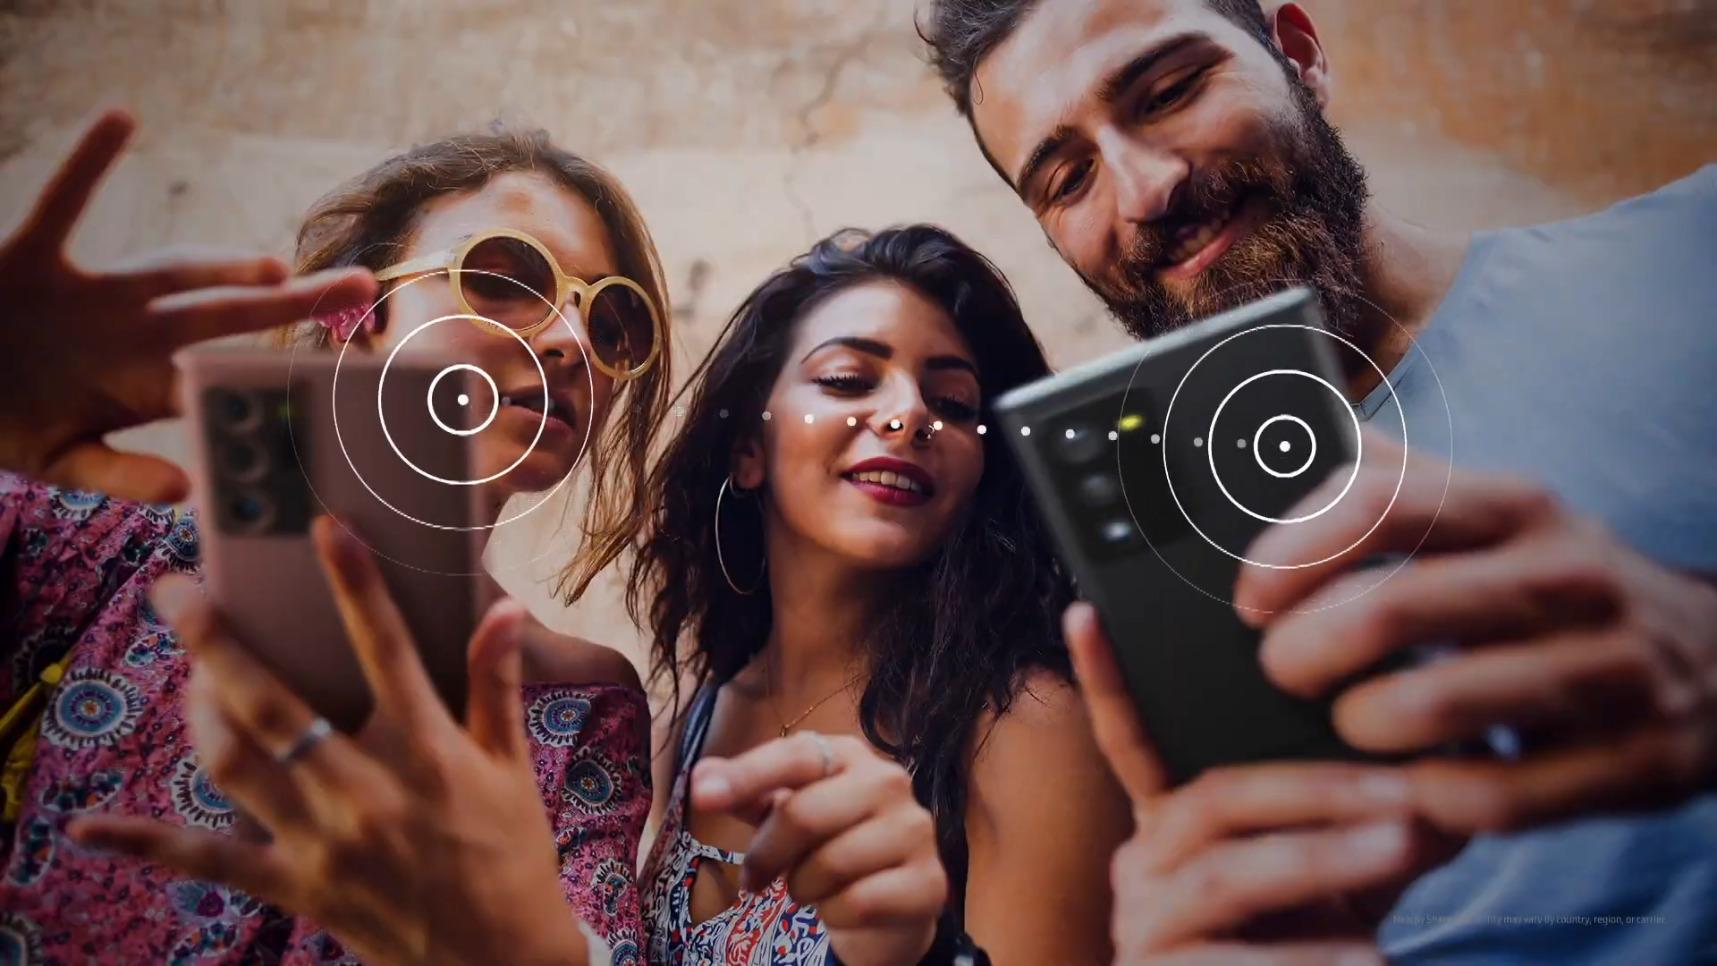 روکیدا - سامسونگ قصد دارد در آینده از گوشیهایش به عنوان کلید دیجیتال استفاده کند! - بهترین گوشی های سامسونگ, سامسونگ, سامسونگ گلکسی نوت